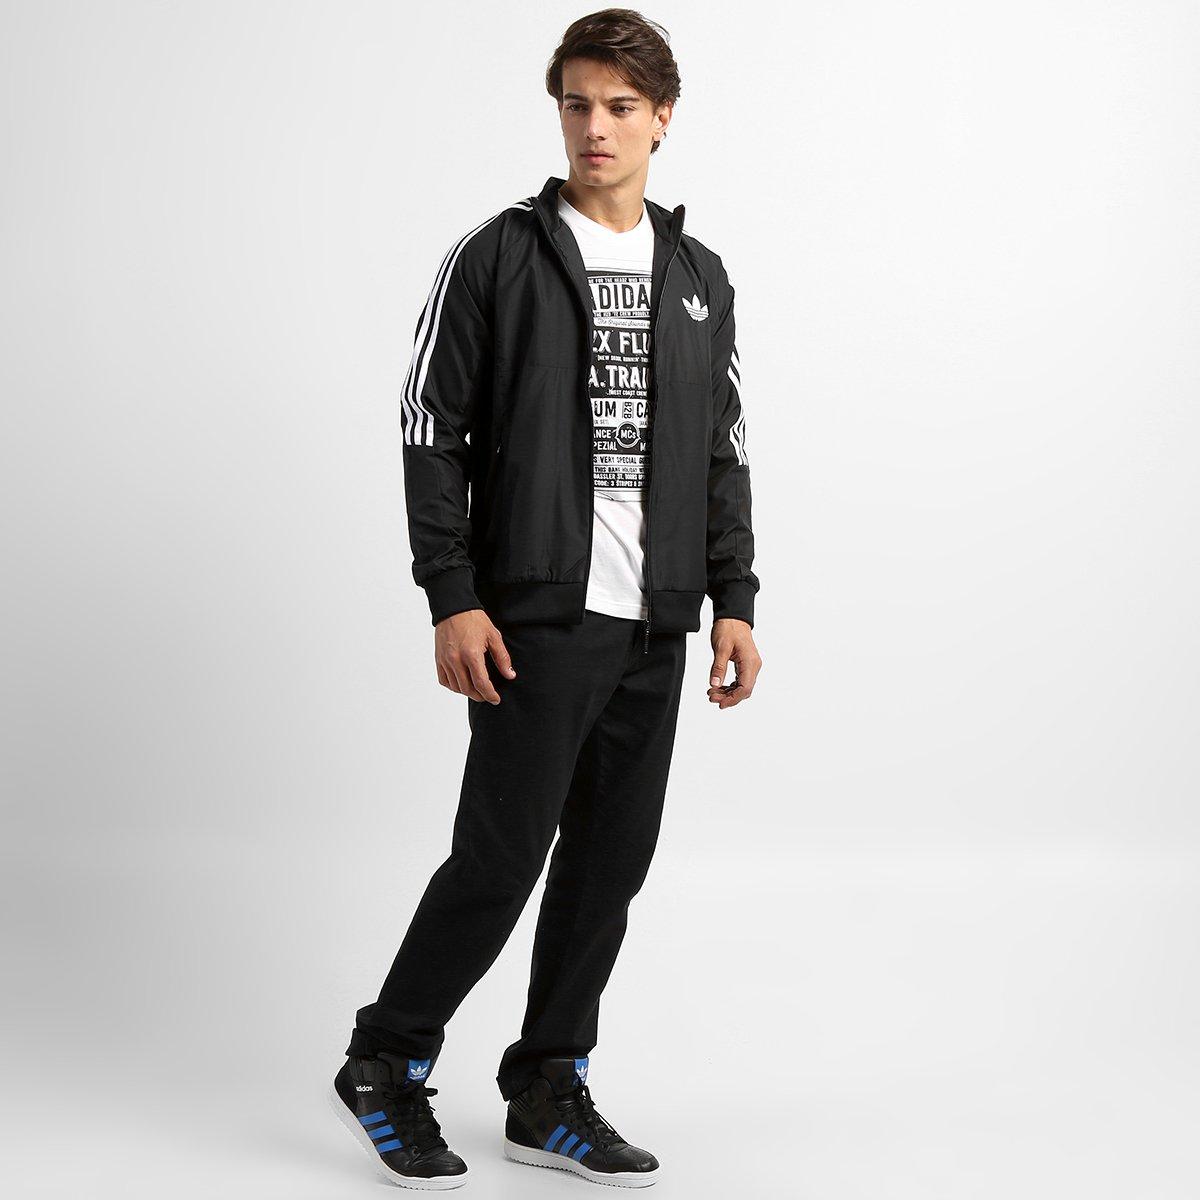 Jaqueta Adidas Sst Tt - Compre Agora  e13e795943355